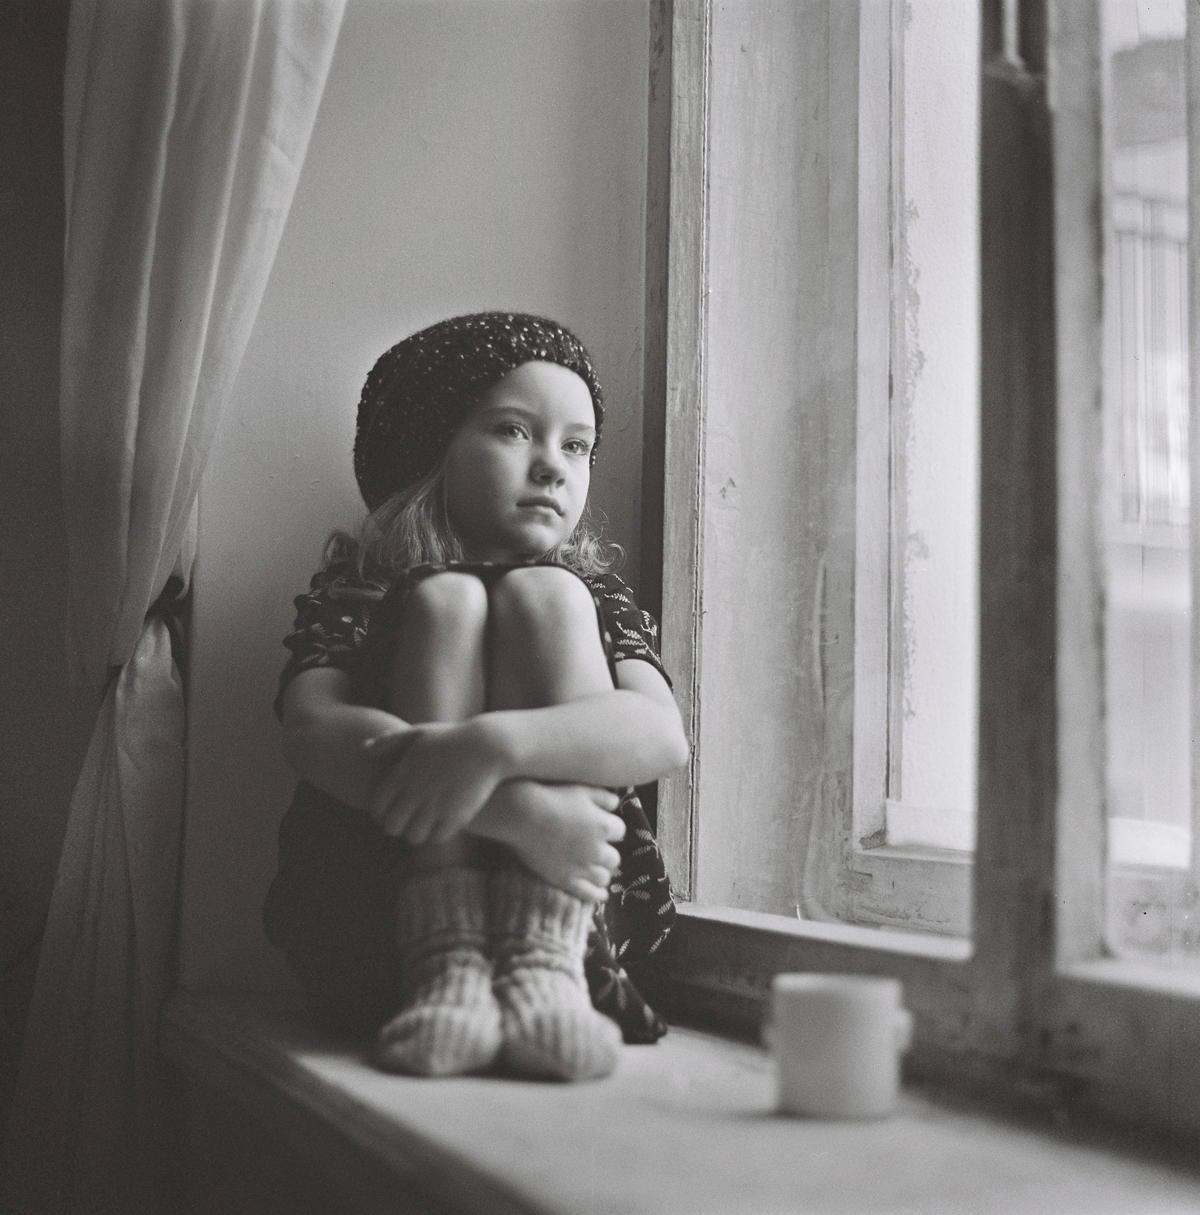 Bệnh tự kỷ ở trẻ em là do rối loạn phát triển